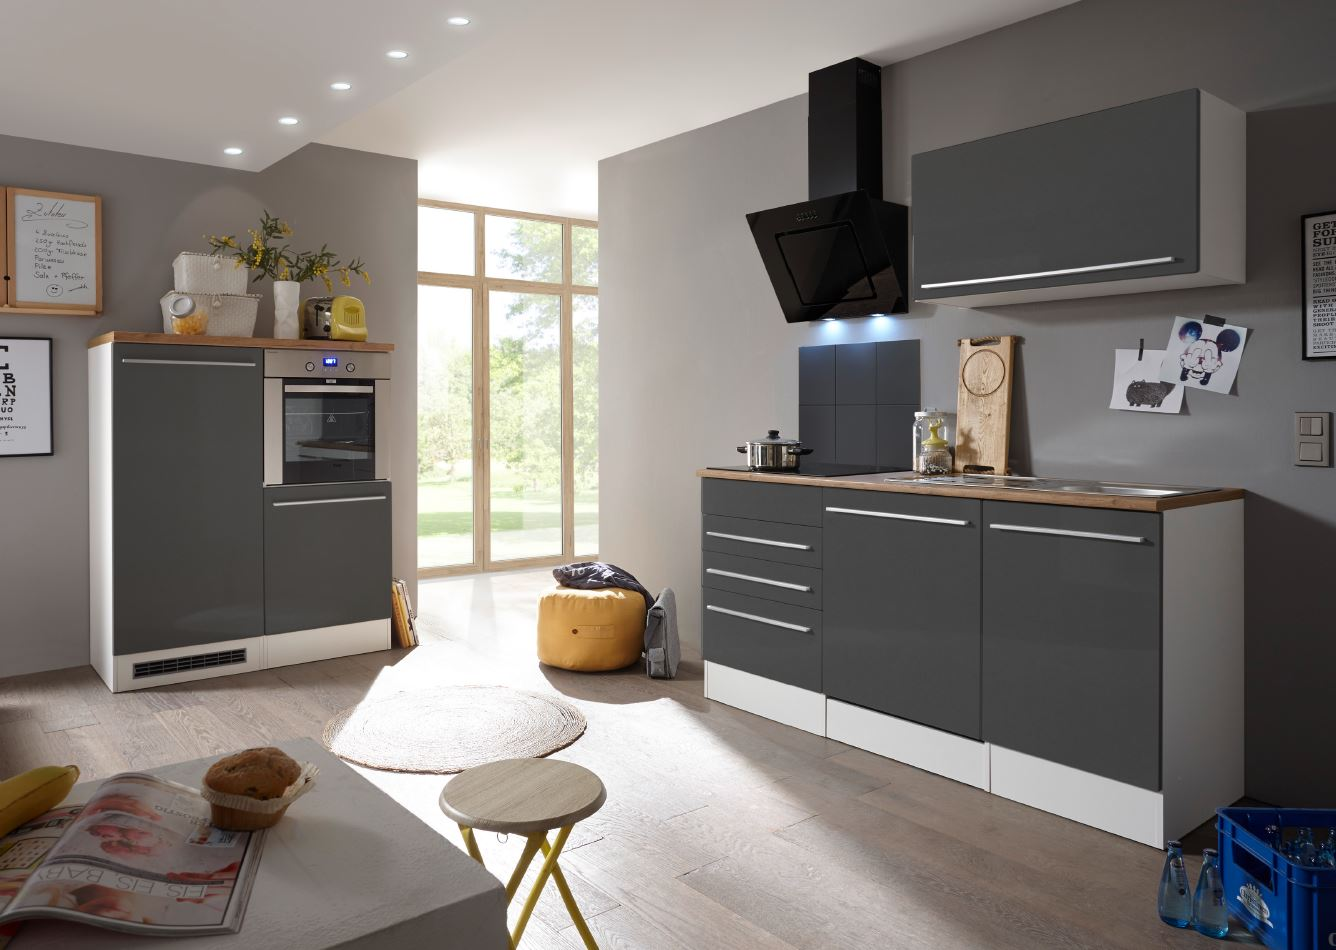 respekta Küche Küchenzeile Küchenblock Einbauküche Komplettküche weiß grau 290cm